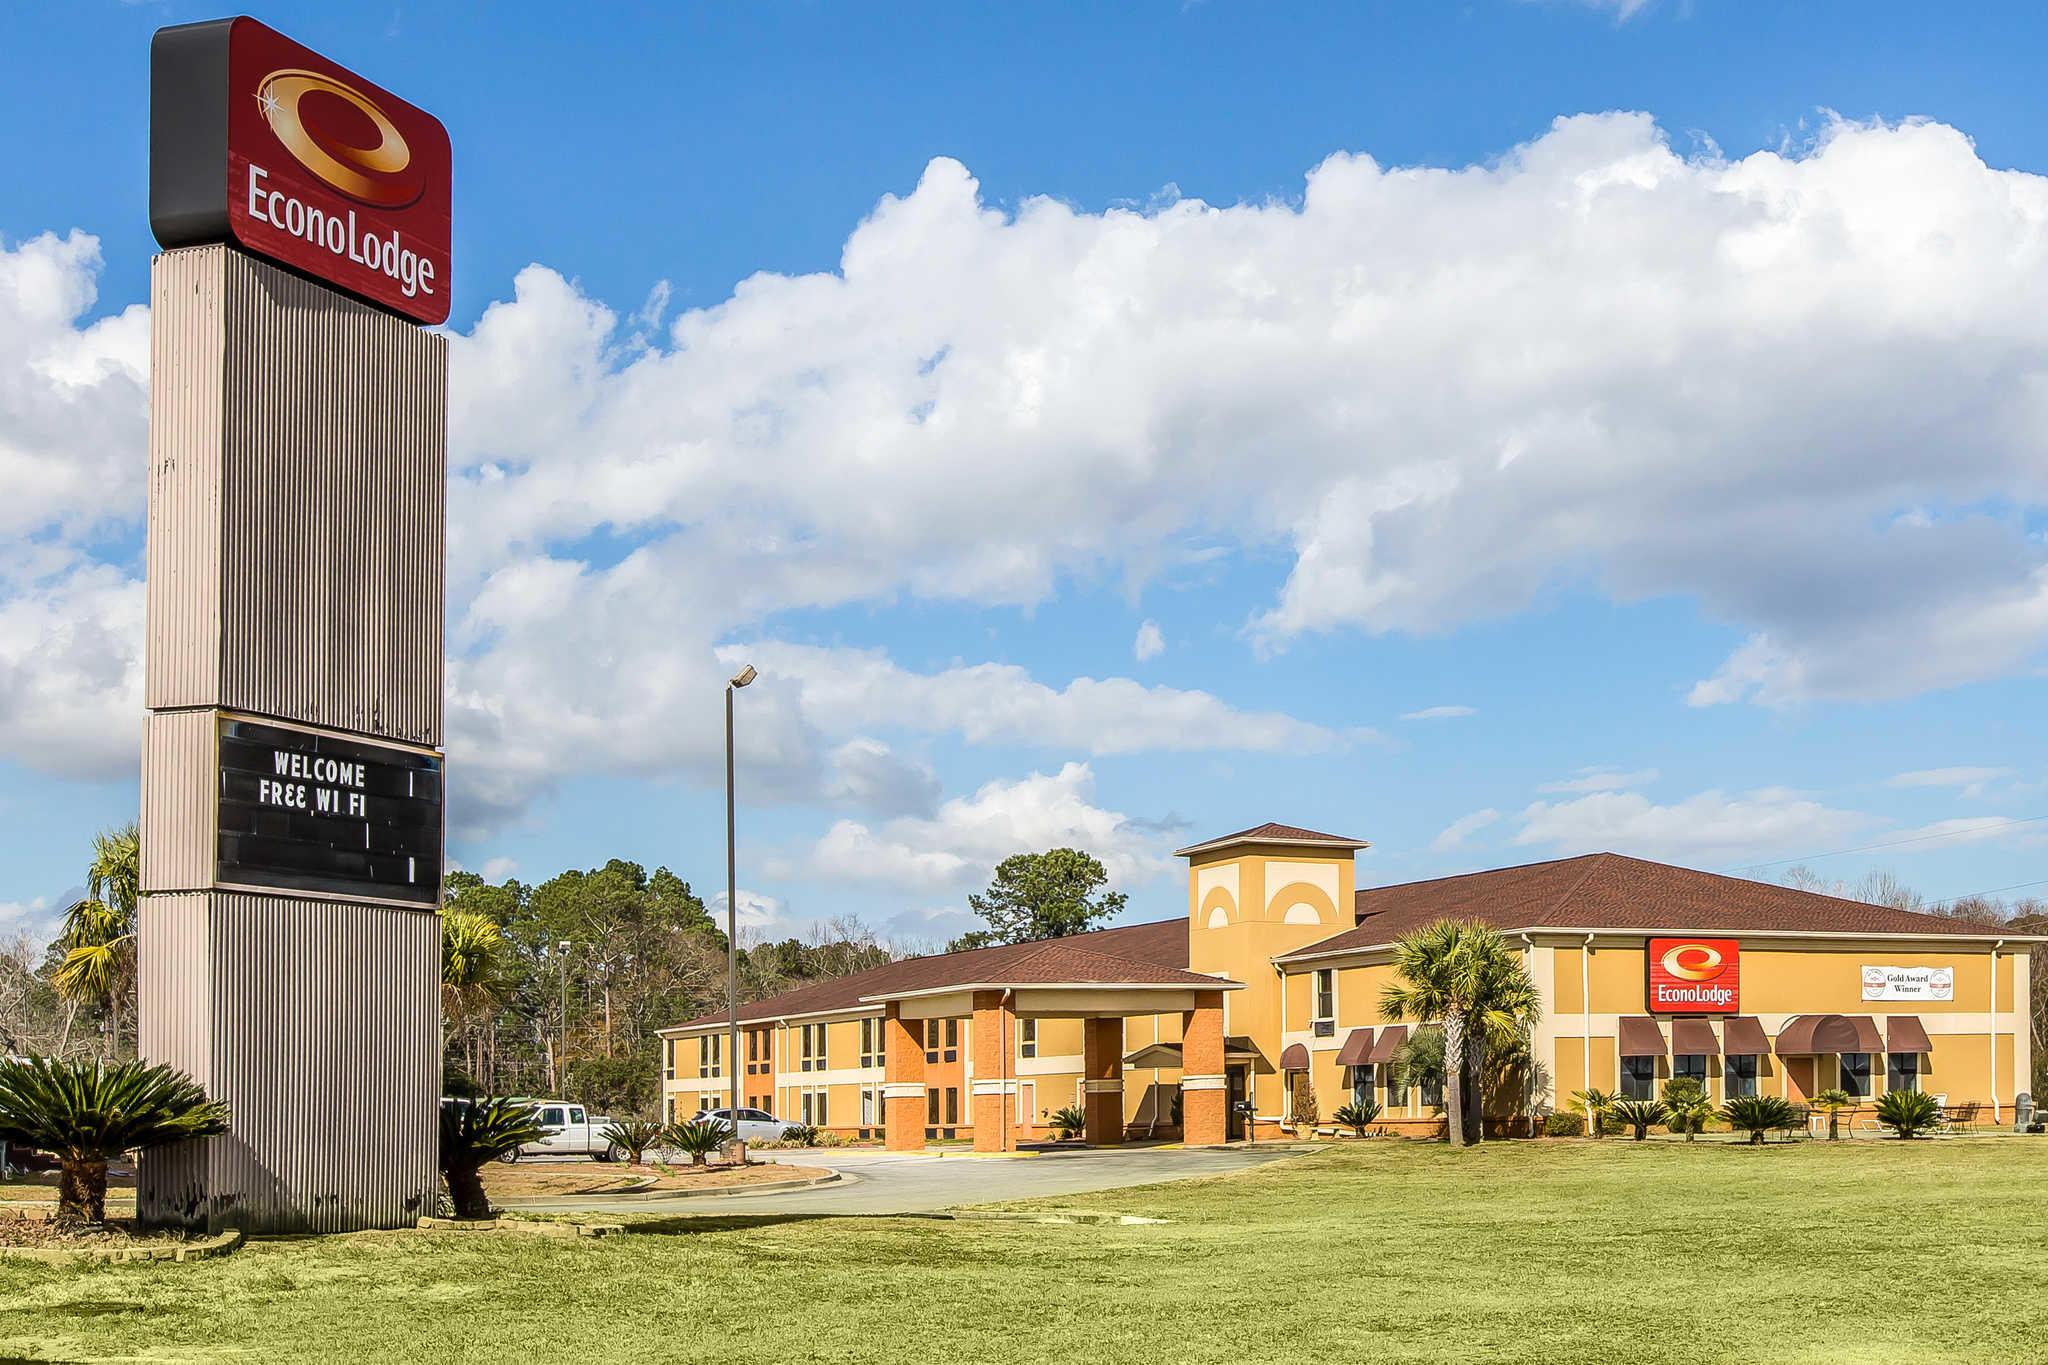 Hotels Near Moultrie Ga